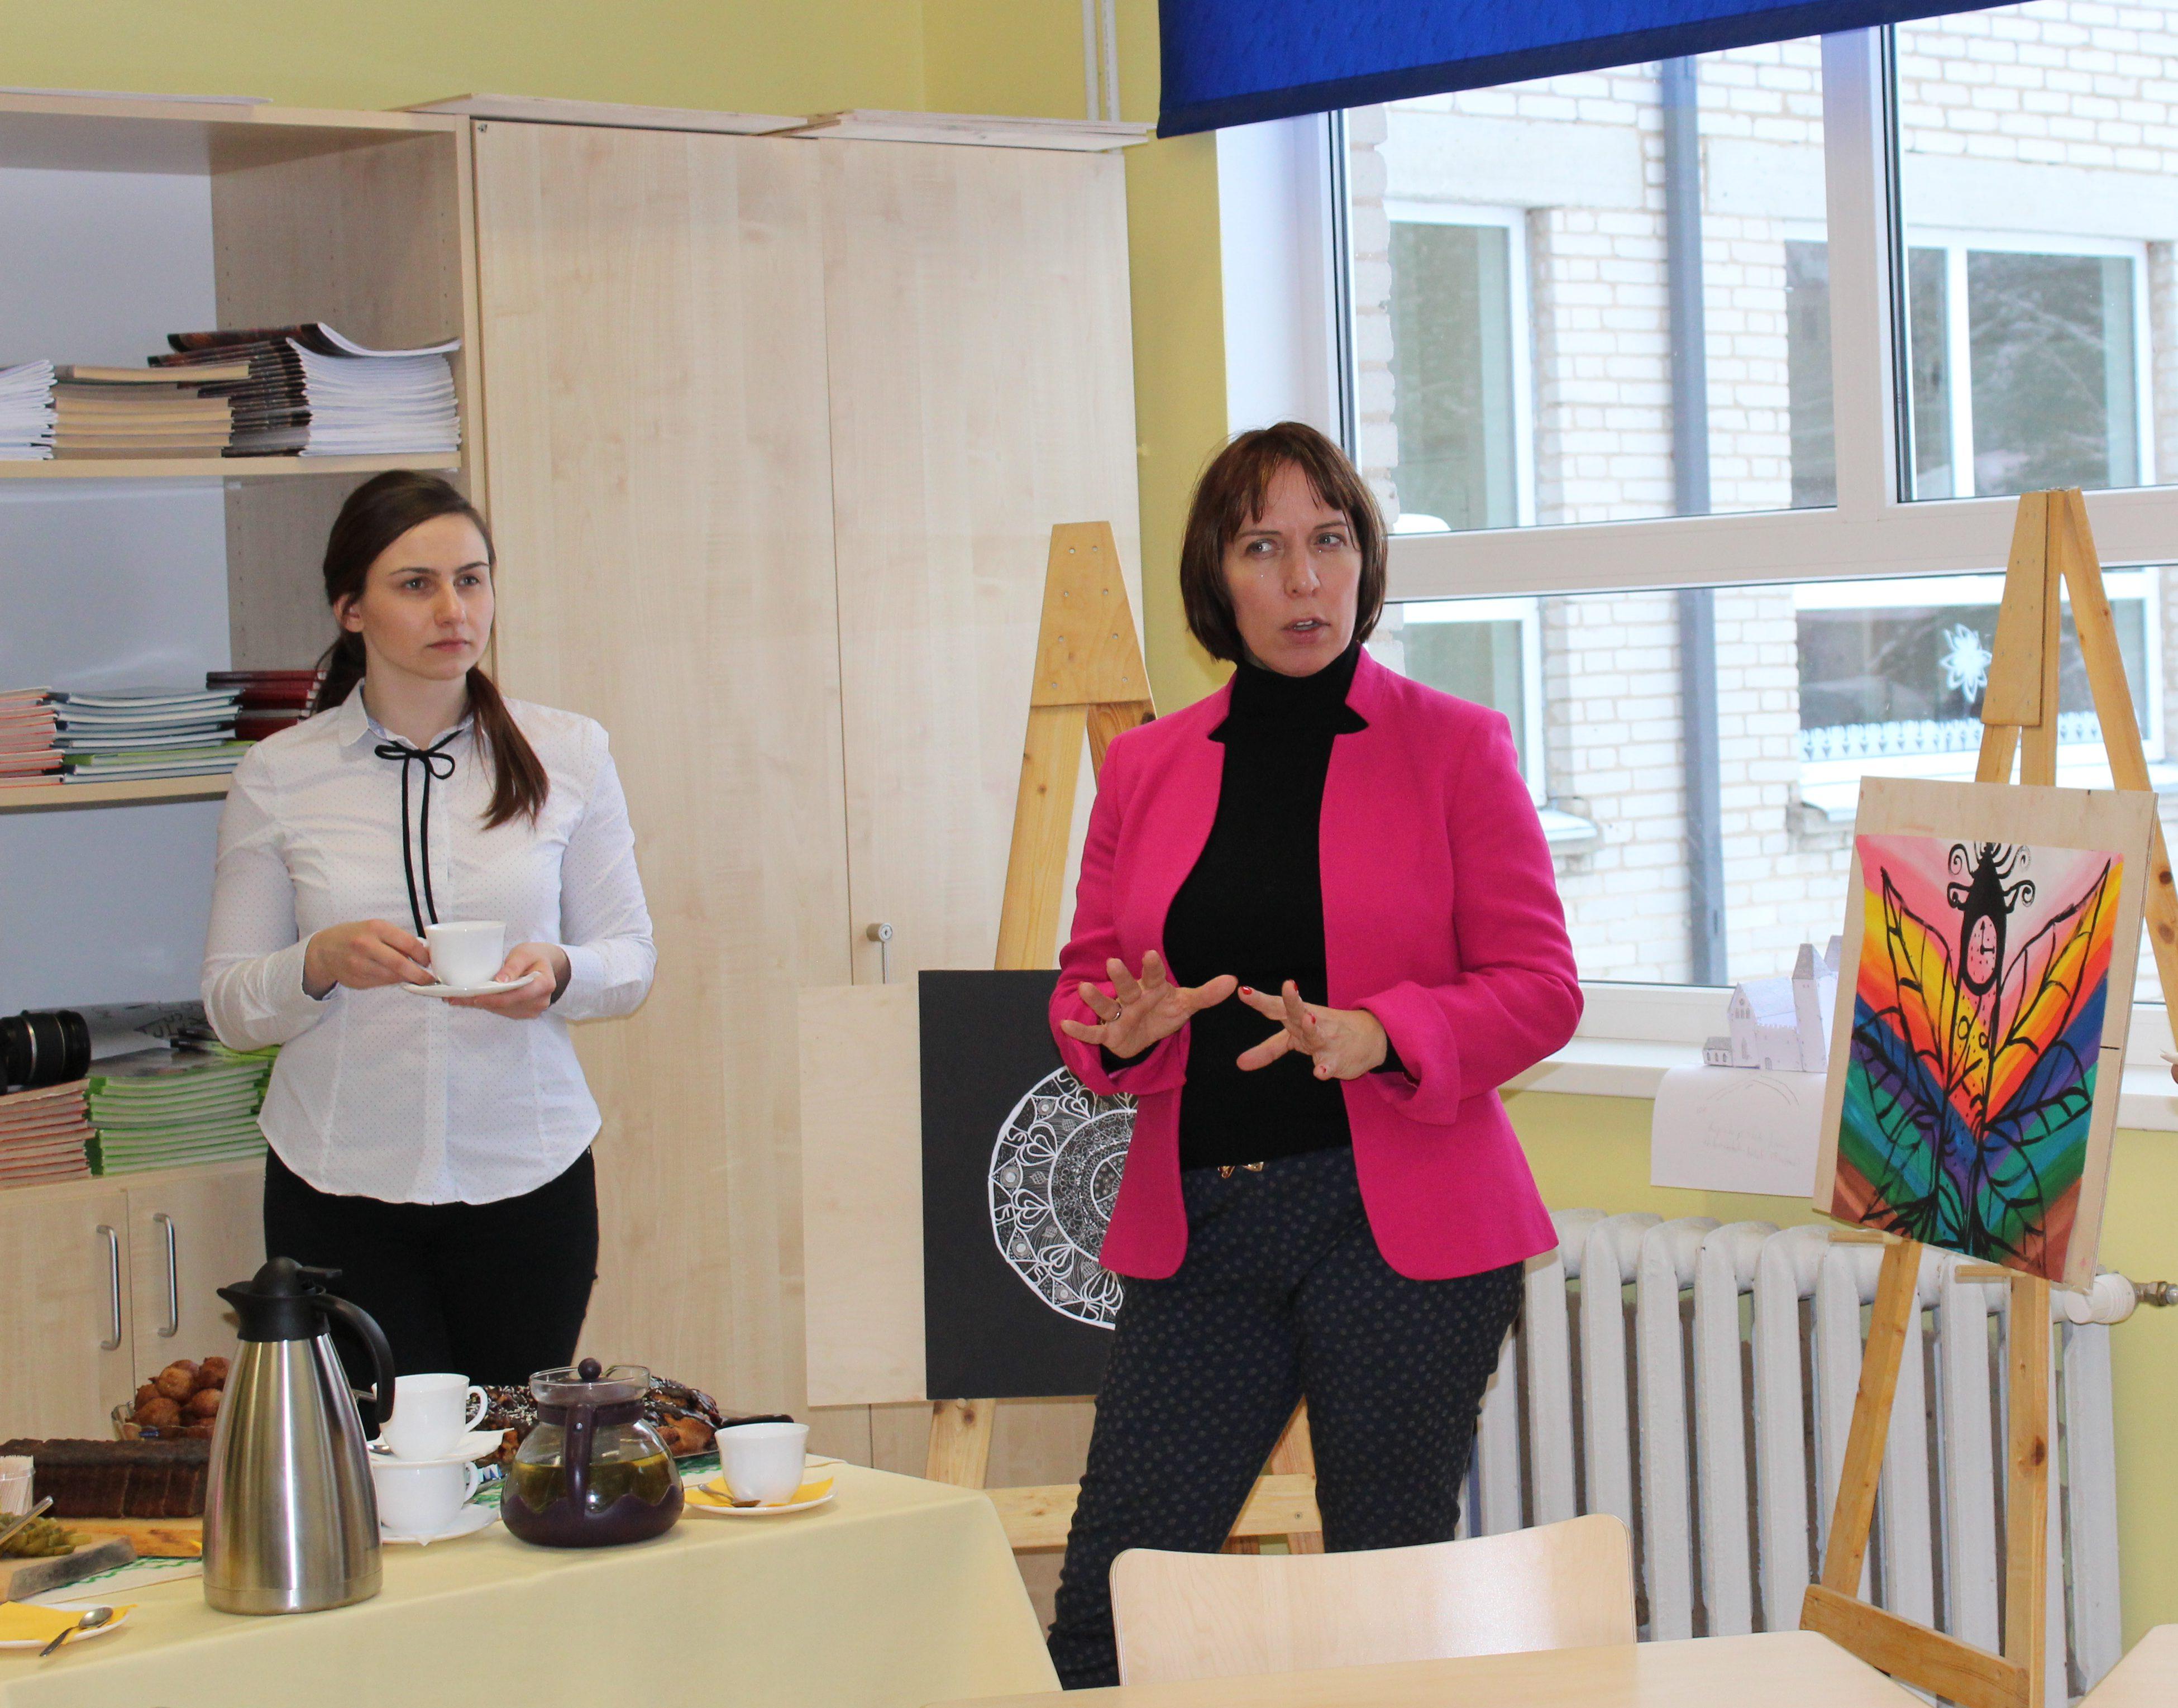 Haridusminister Mailis Reps ja tema nõunik Liina Hirv Lüllemäe Põhikoolis. Foto: Triin Tanilas